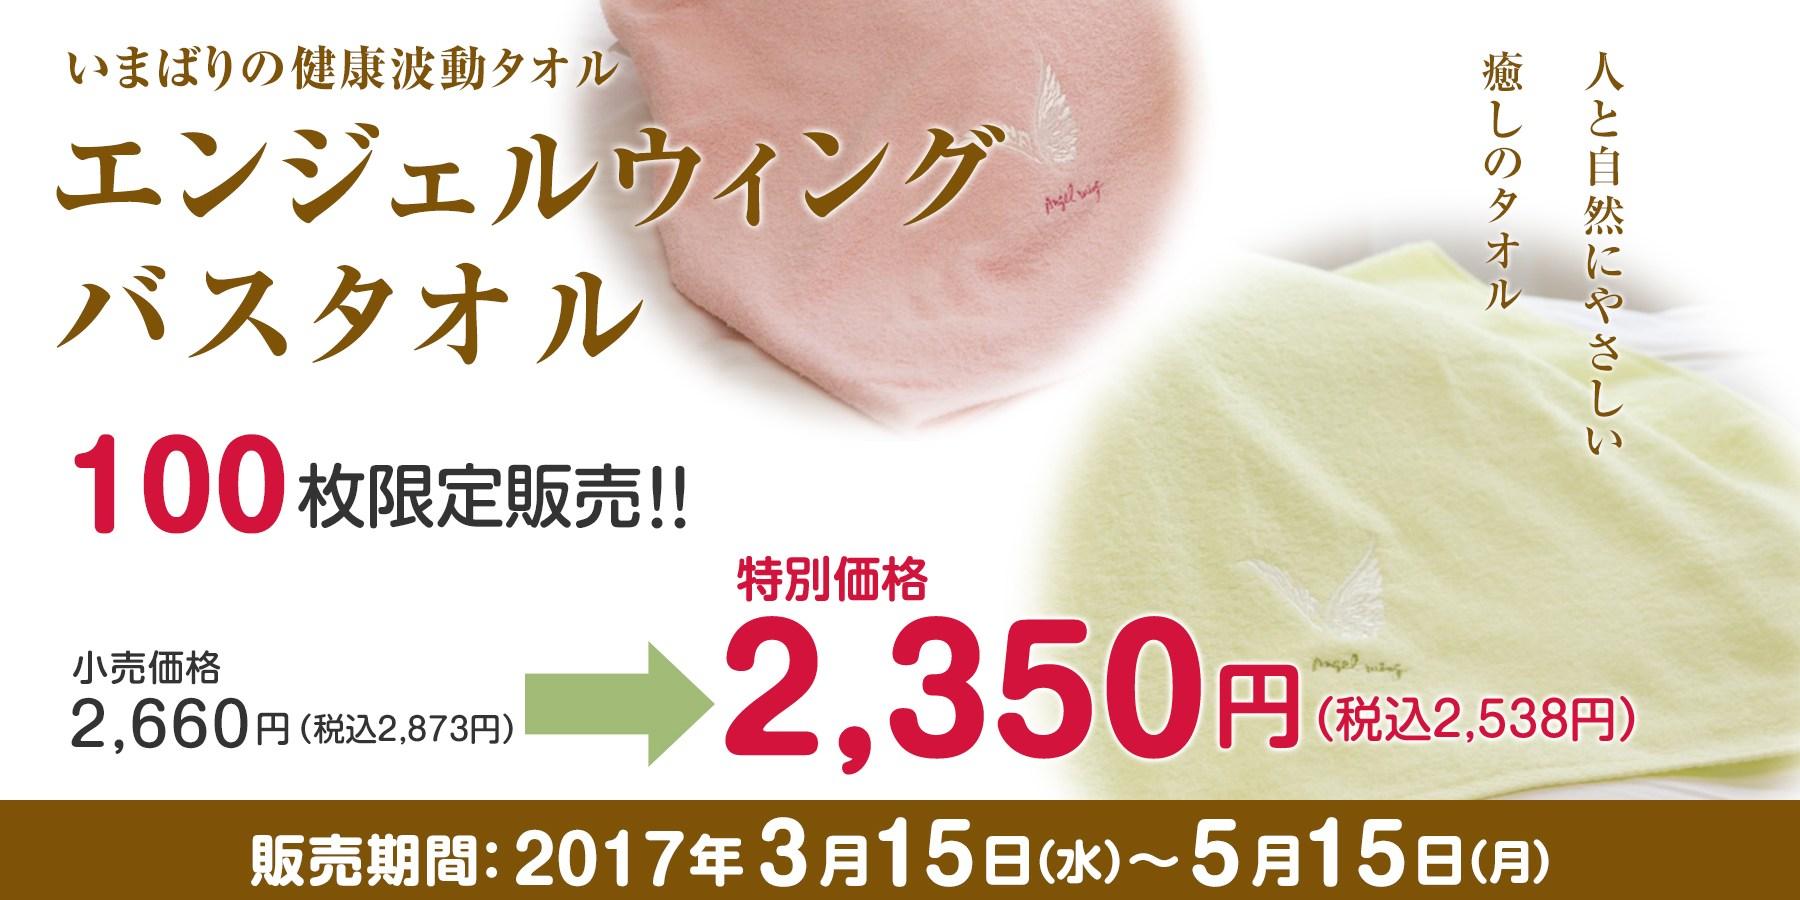 エンジェルウィングバスタオルが5月15日(月)まで特別価格2,350円!